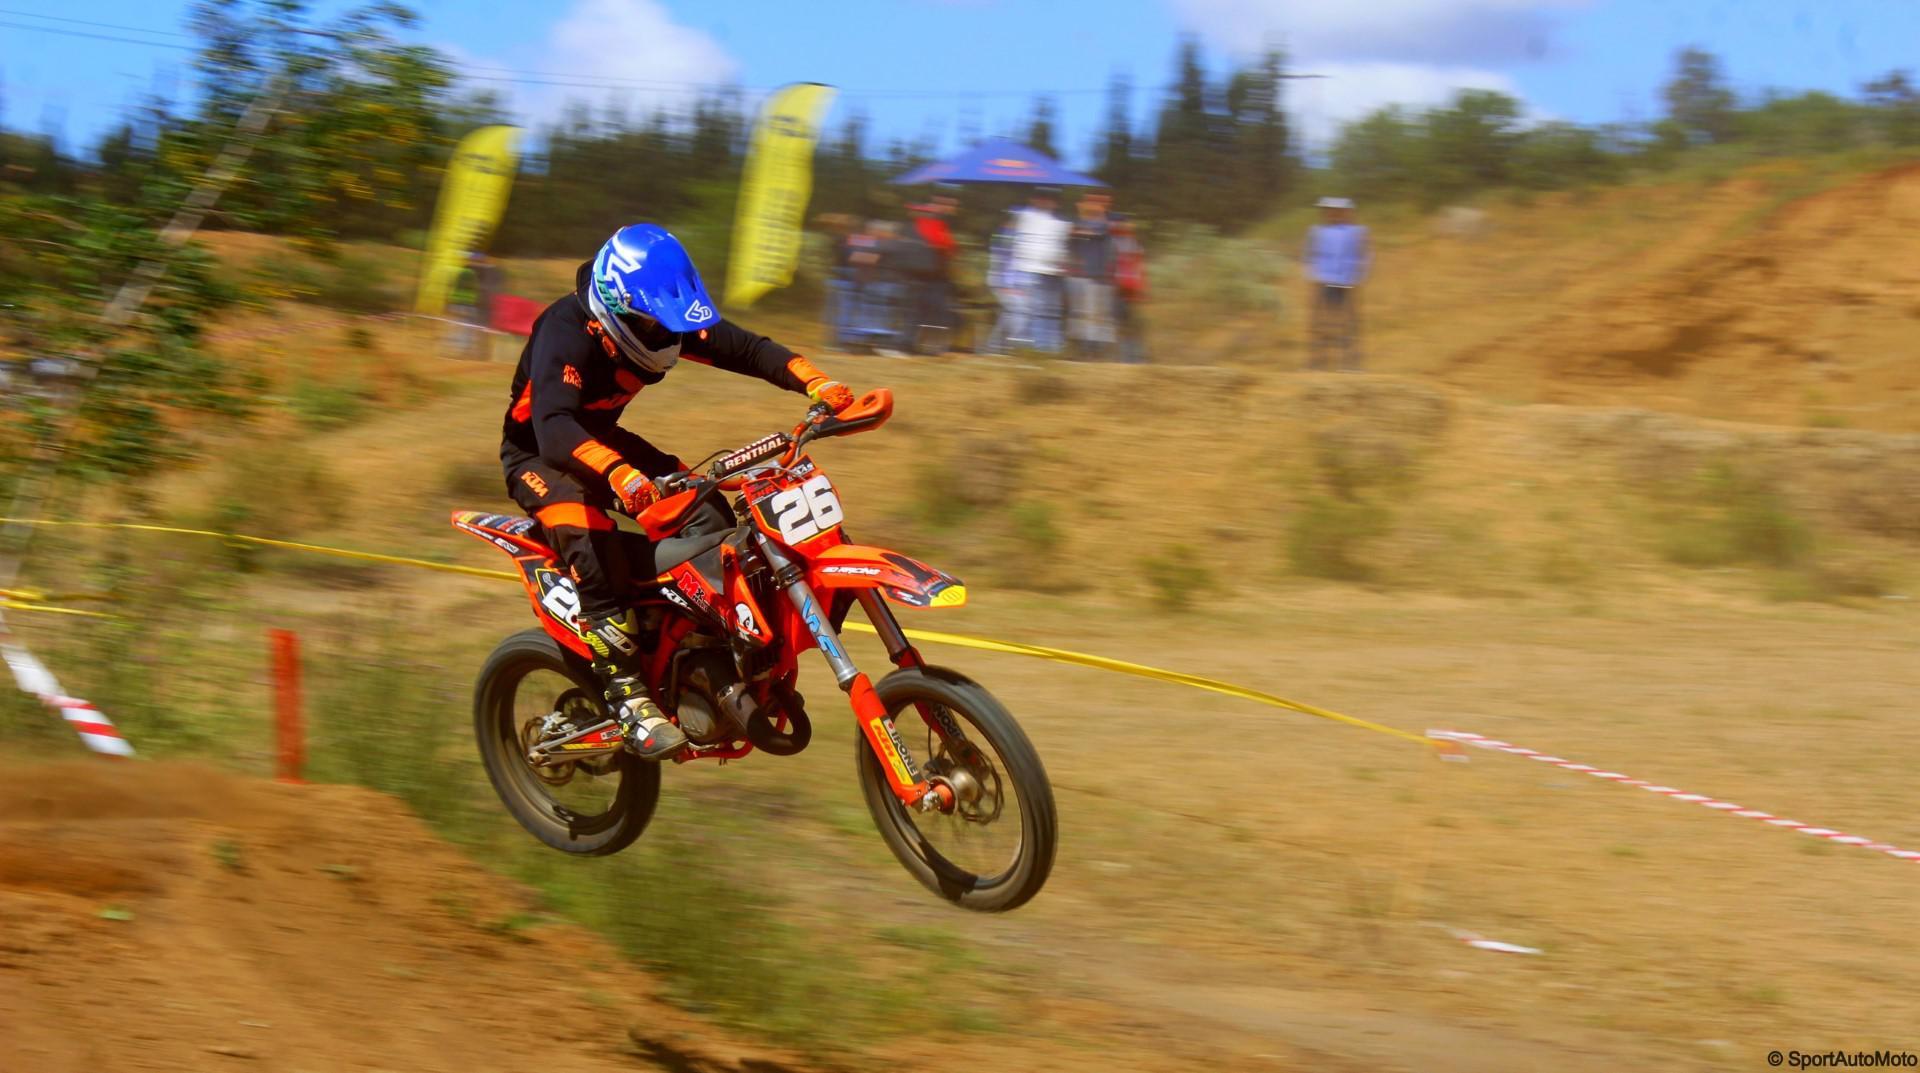 championnat-du-maroc-de-motocross-kenitra-774-13.jpg